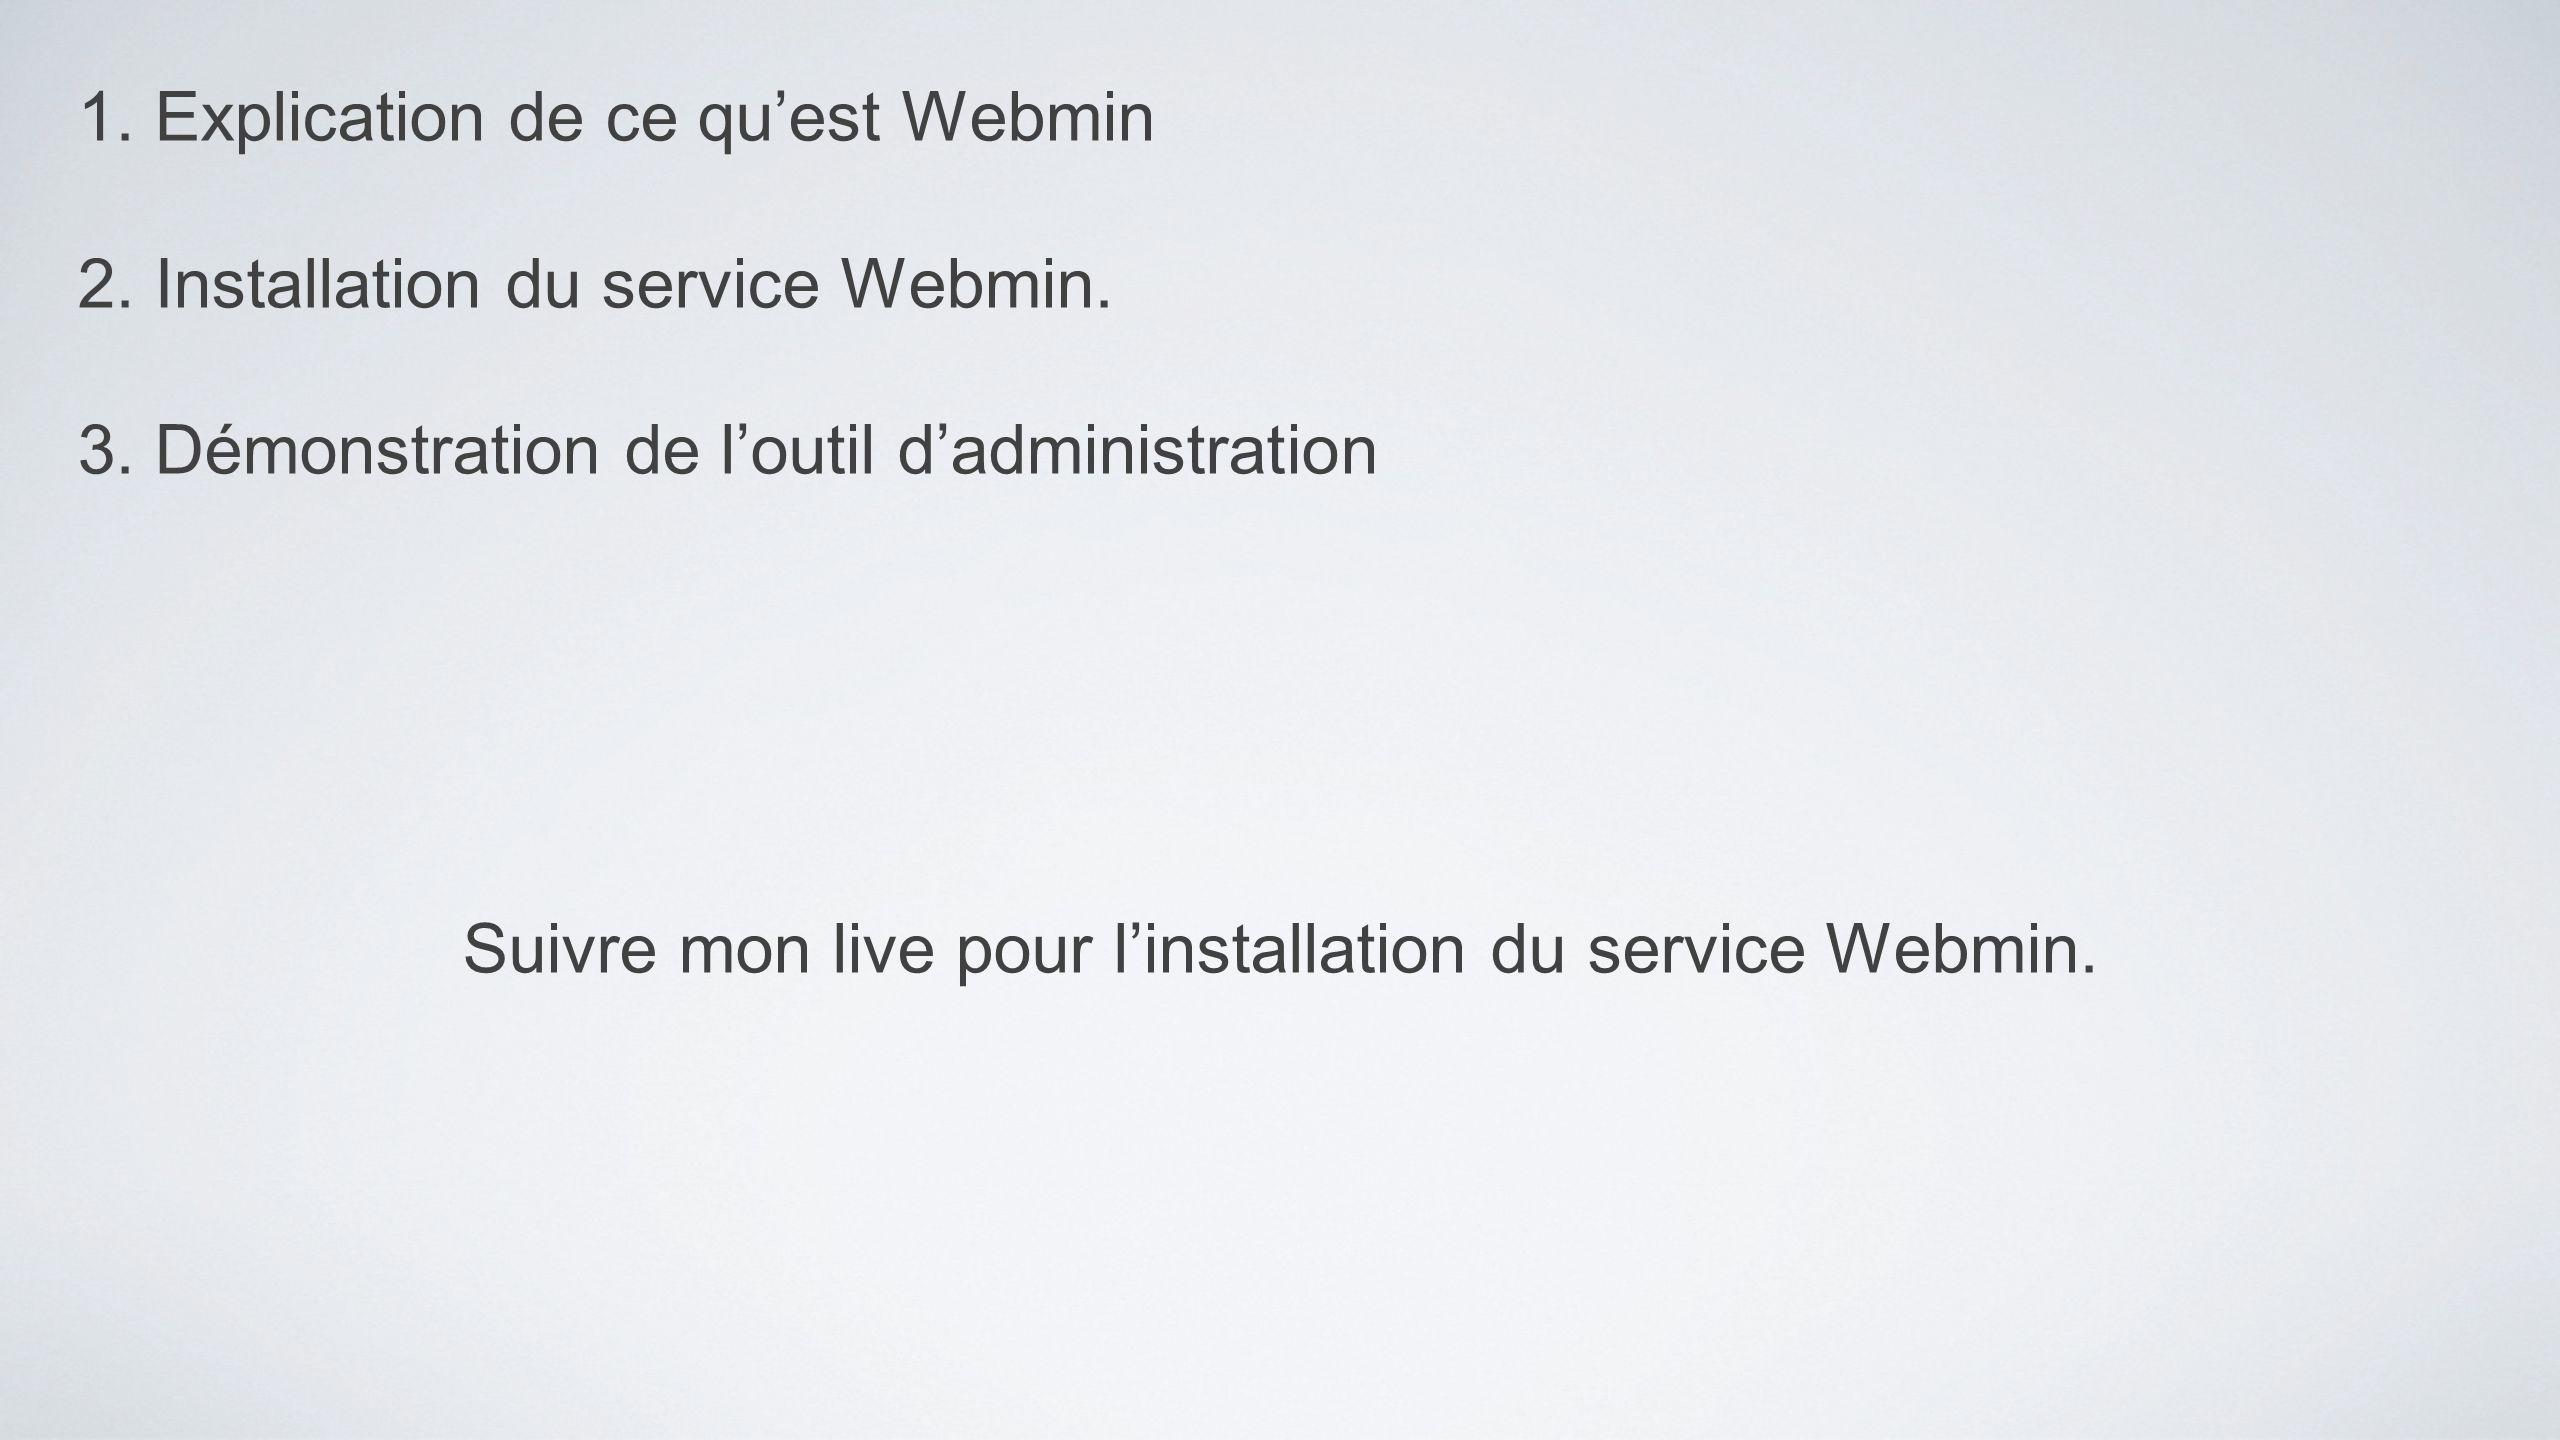 Suivre mon live pour l'installation du service Webmin.